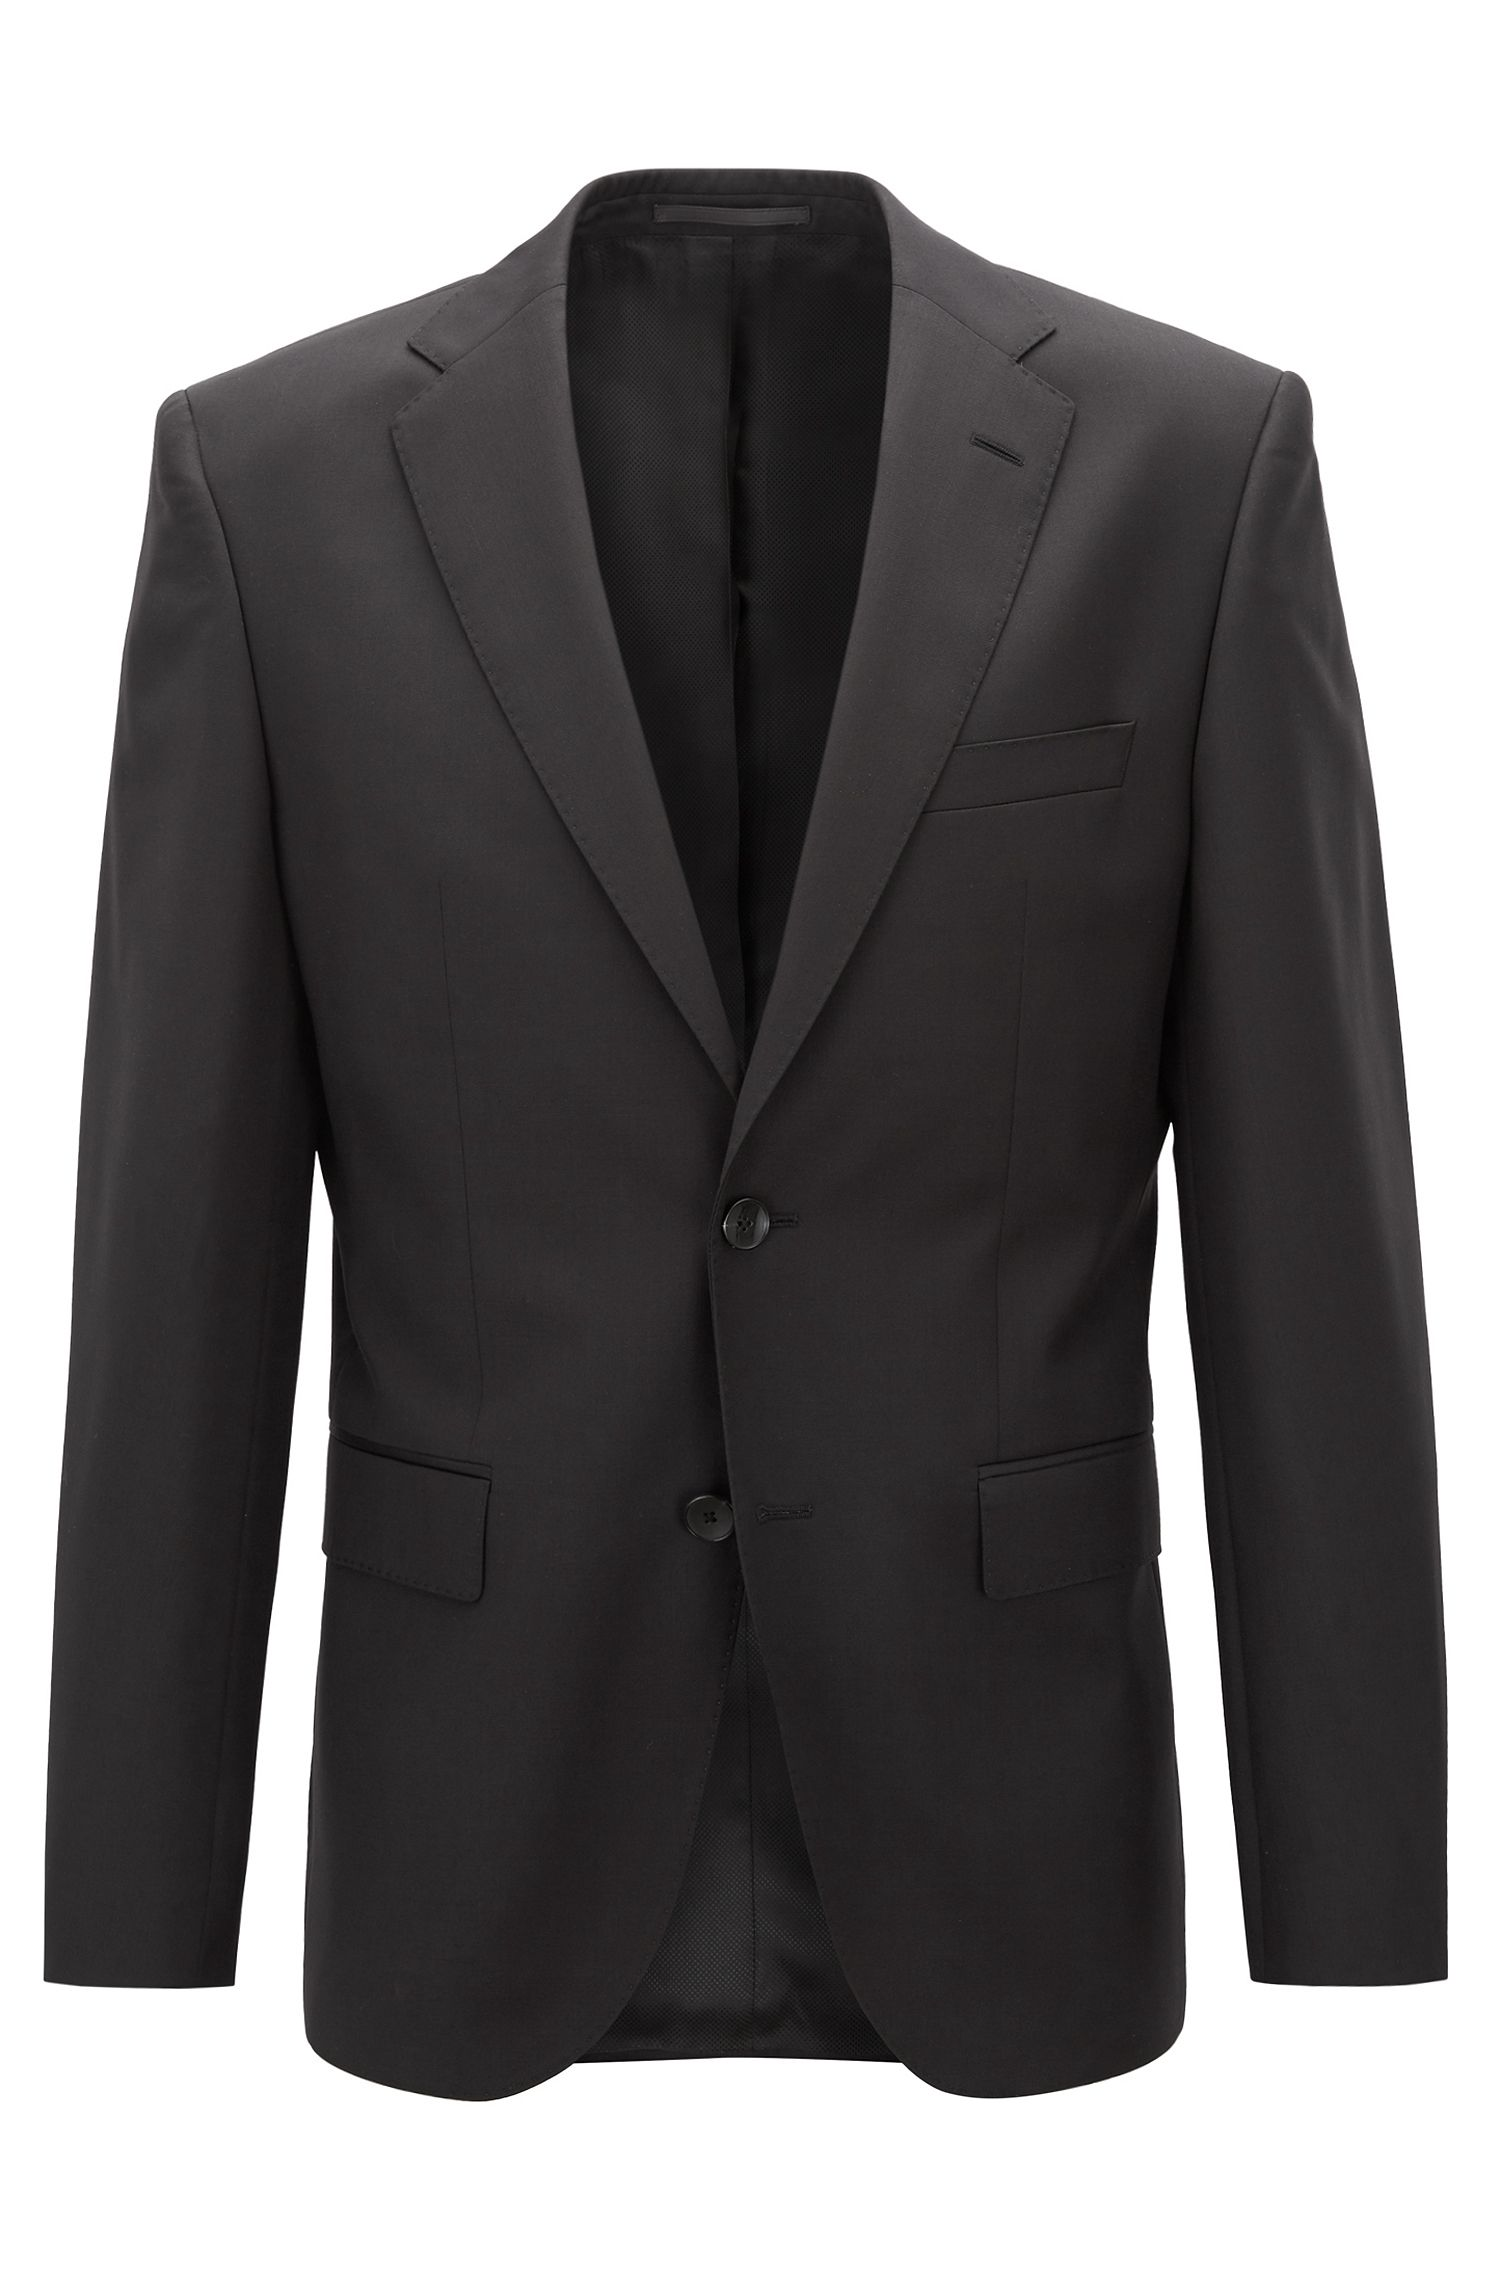 'Johnstons Cyl' | Regular Fit, Super 120 Italian Virgin Wool Sport Coat